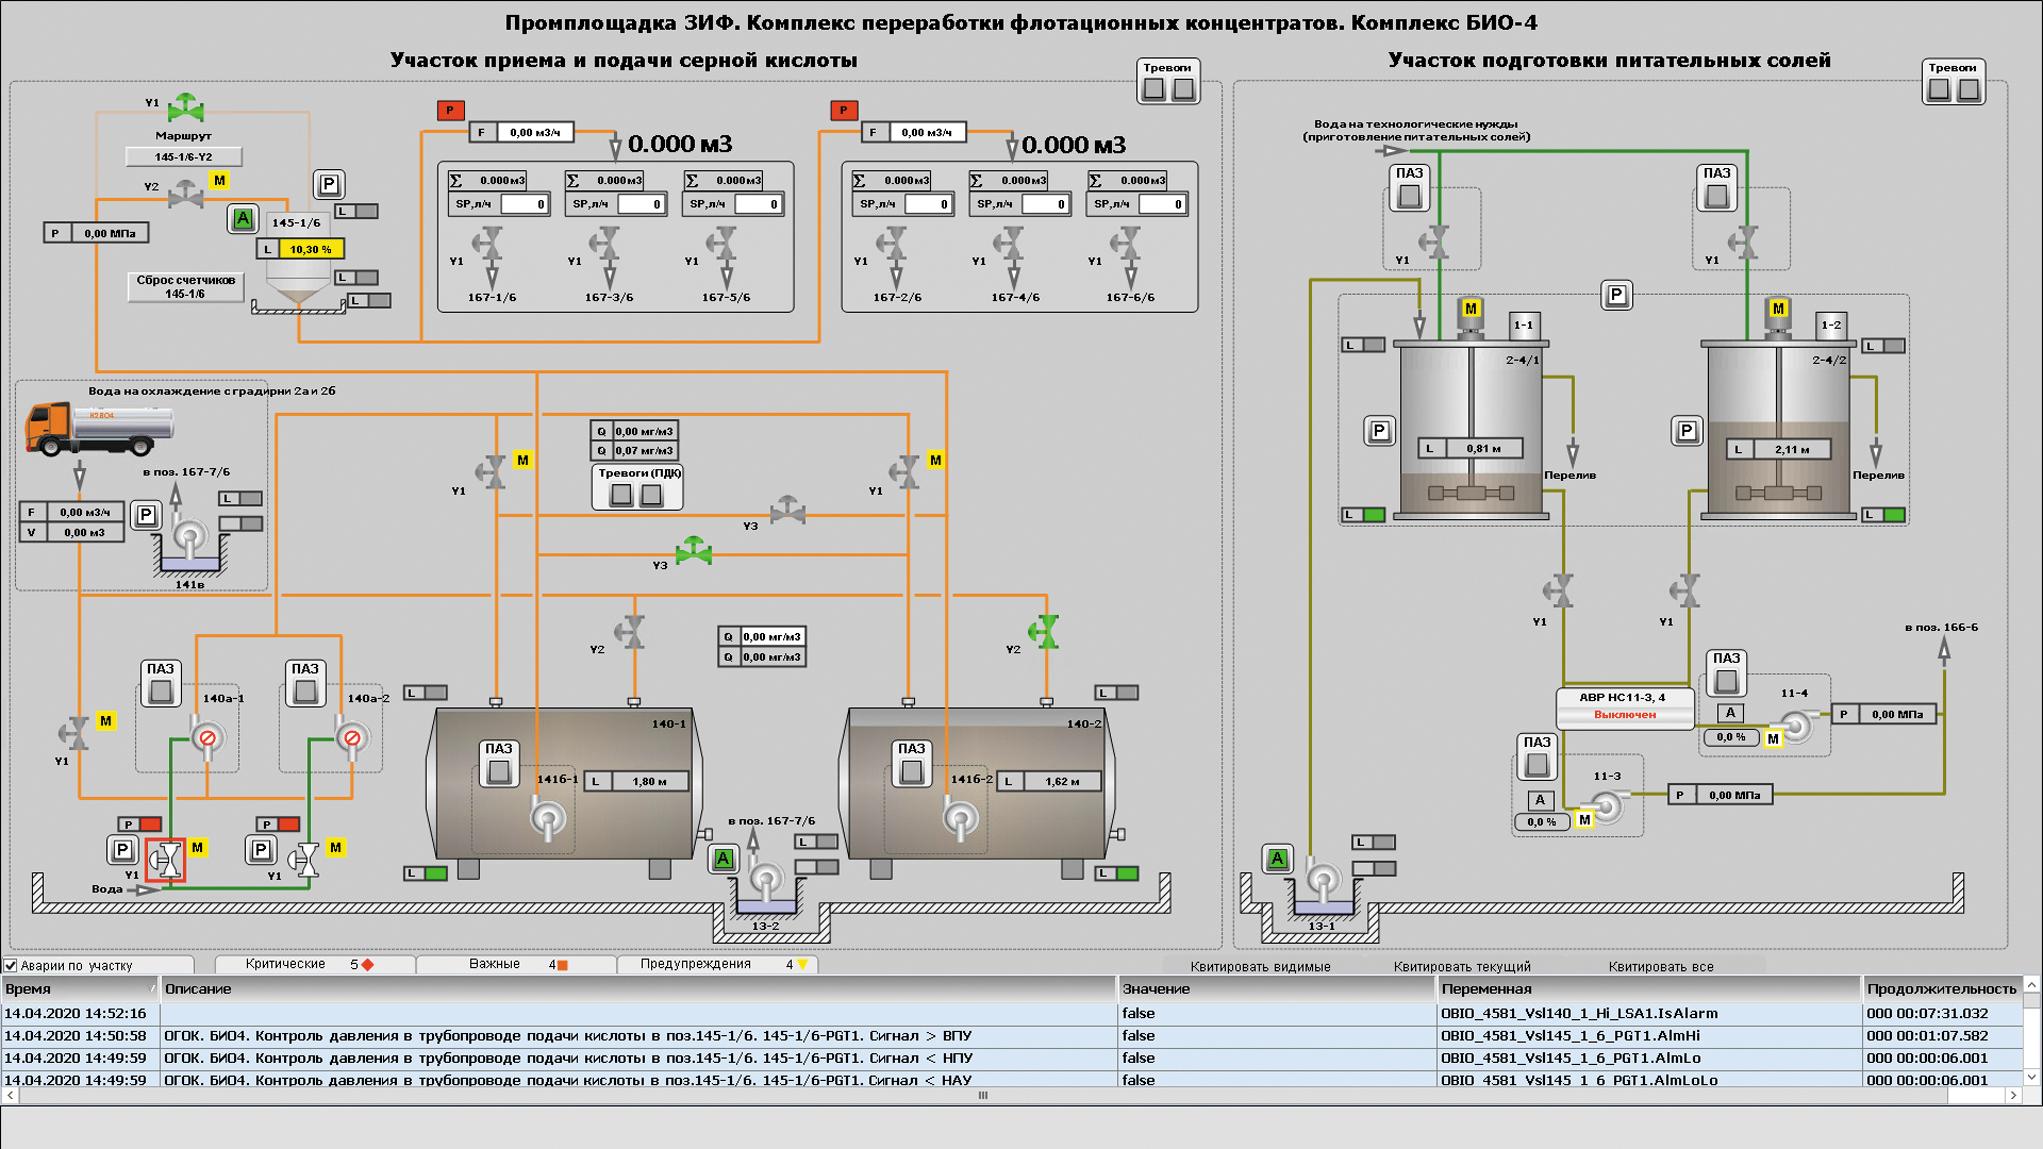 Управление участками технологических биореакторов БИО-4, приема и подачи серной кислоты, приготовления питательных солей, зумпфа окисленного флотоконцентрата